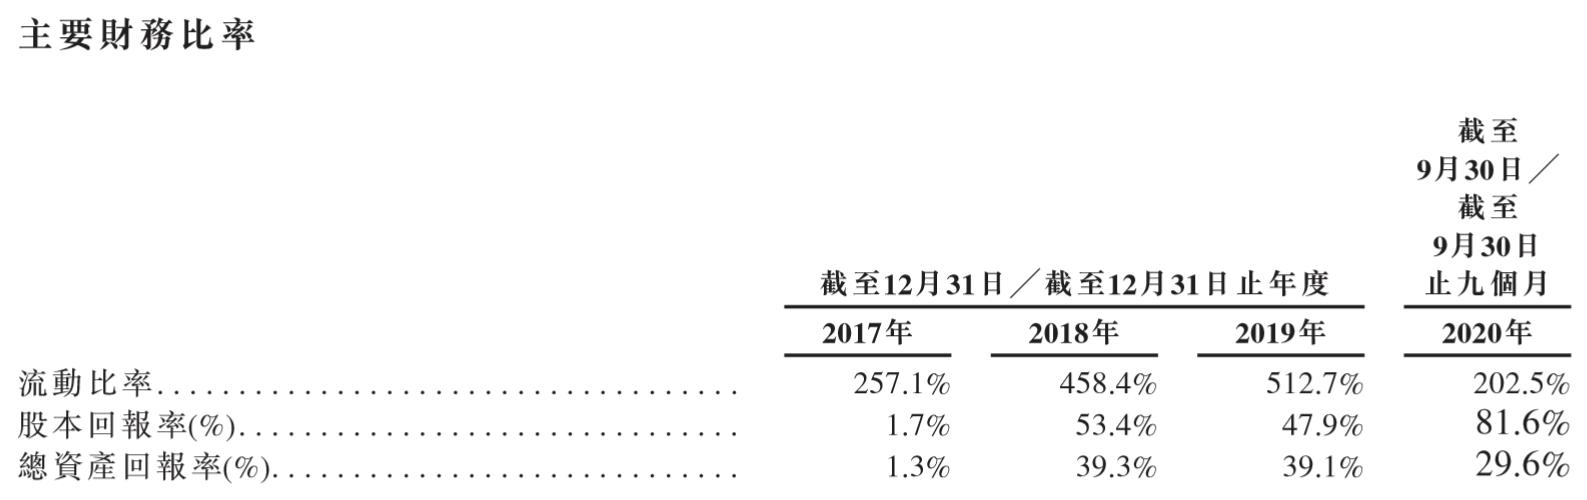 赛生药业-主要财务比率.png